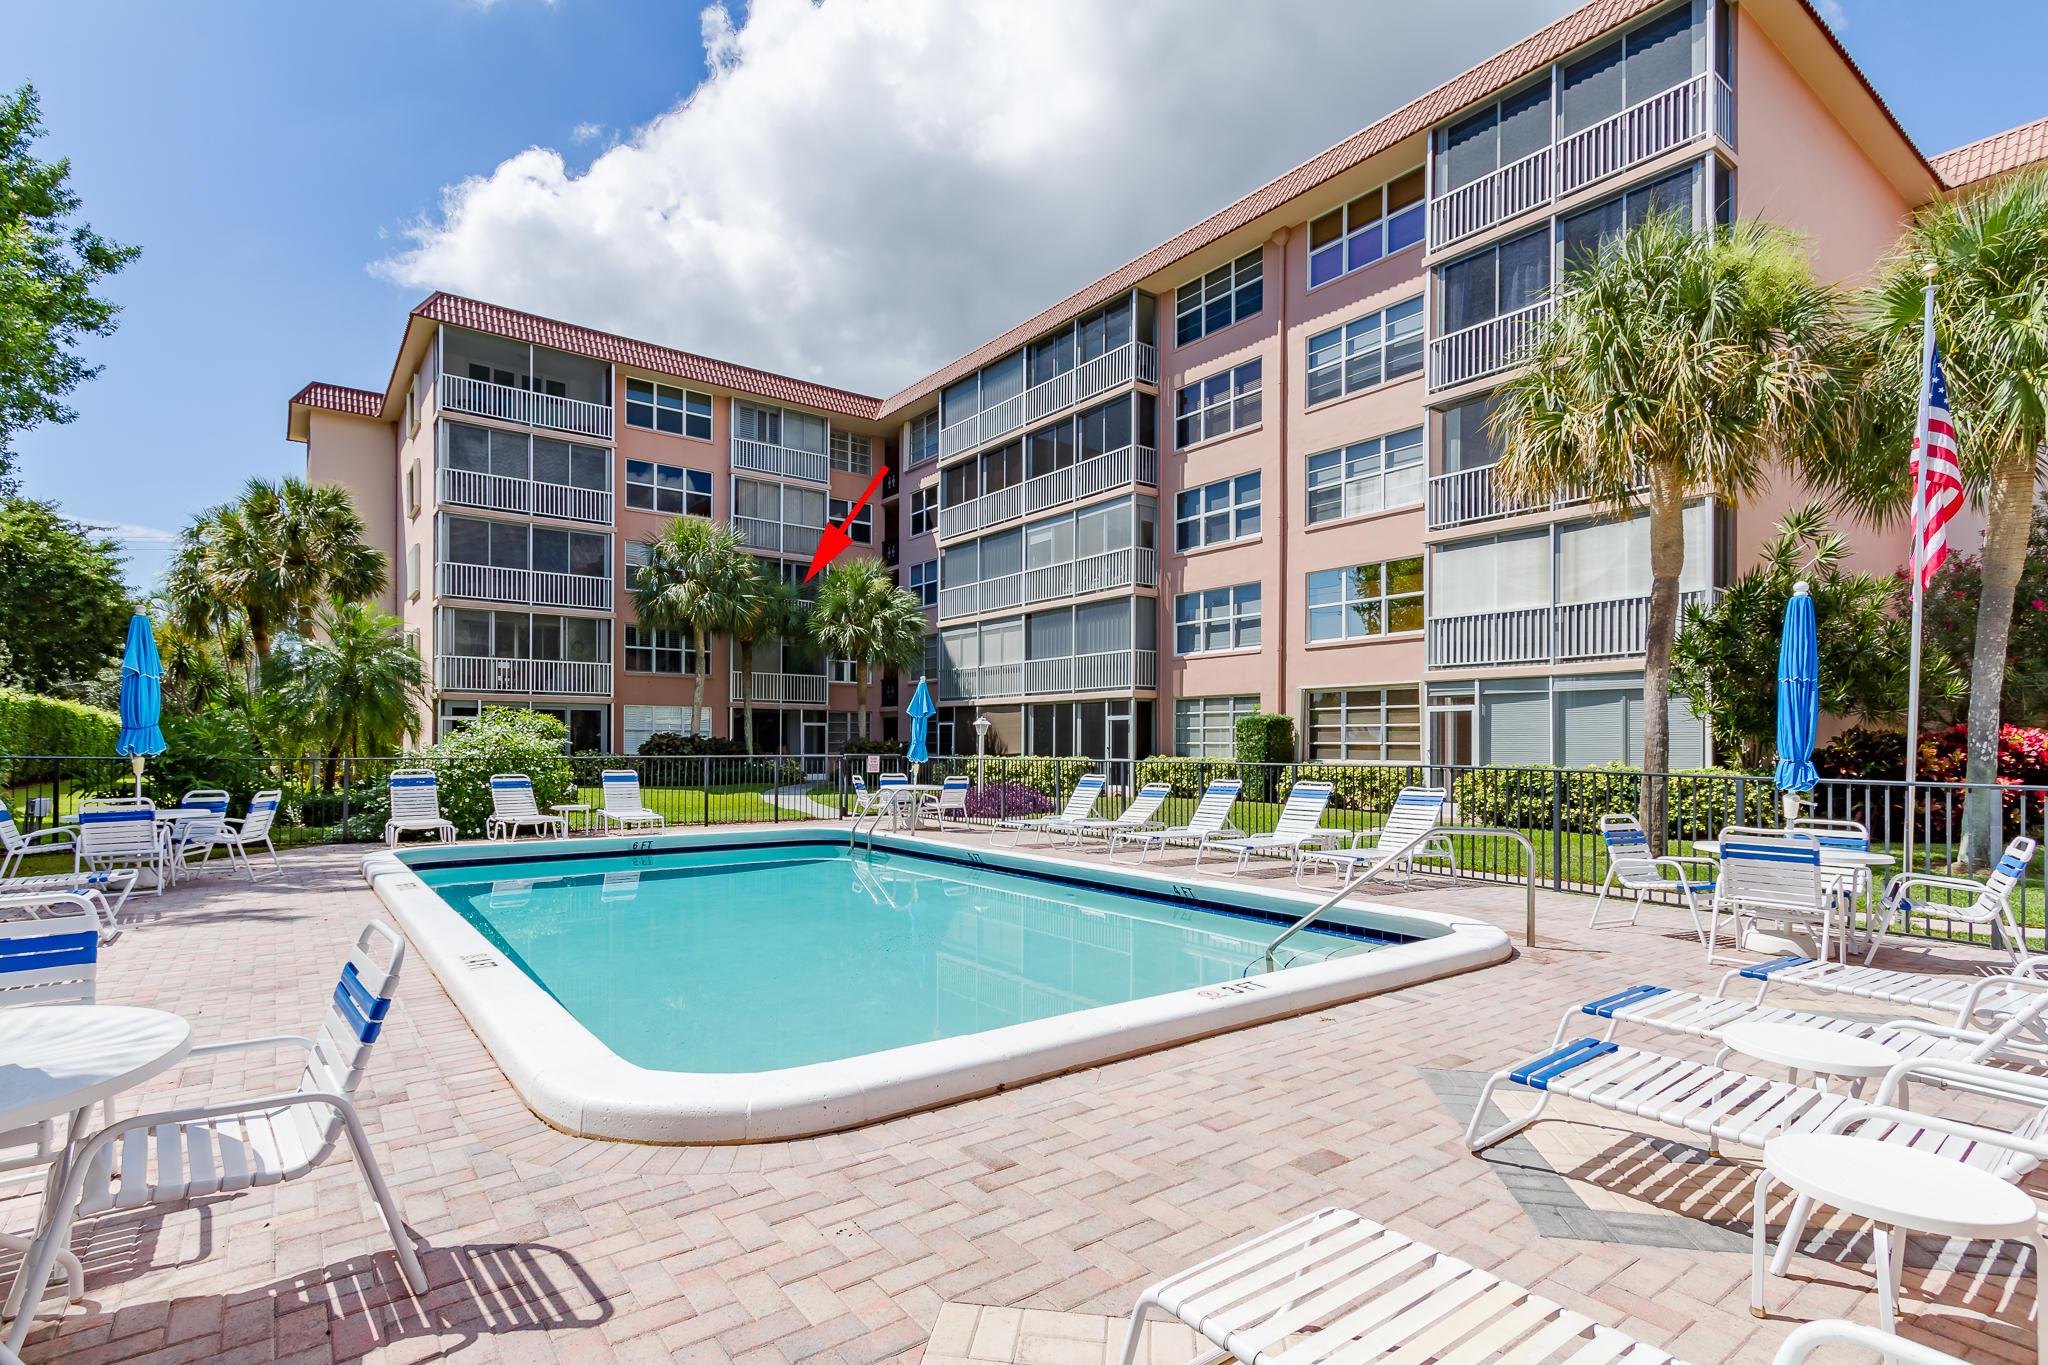 2829 Florida Boulevard 302